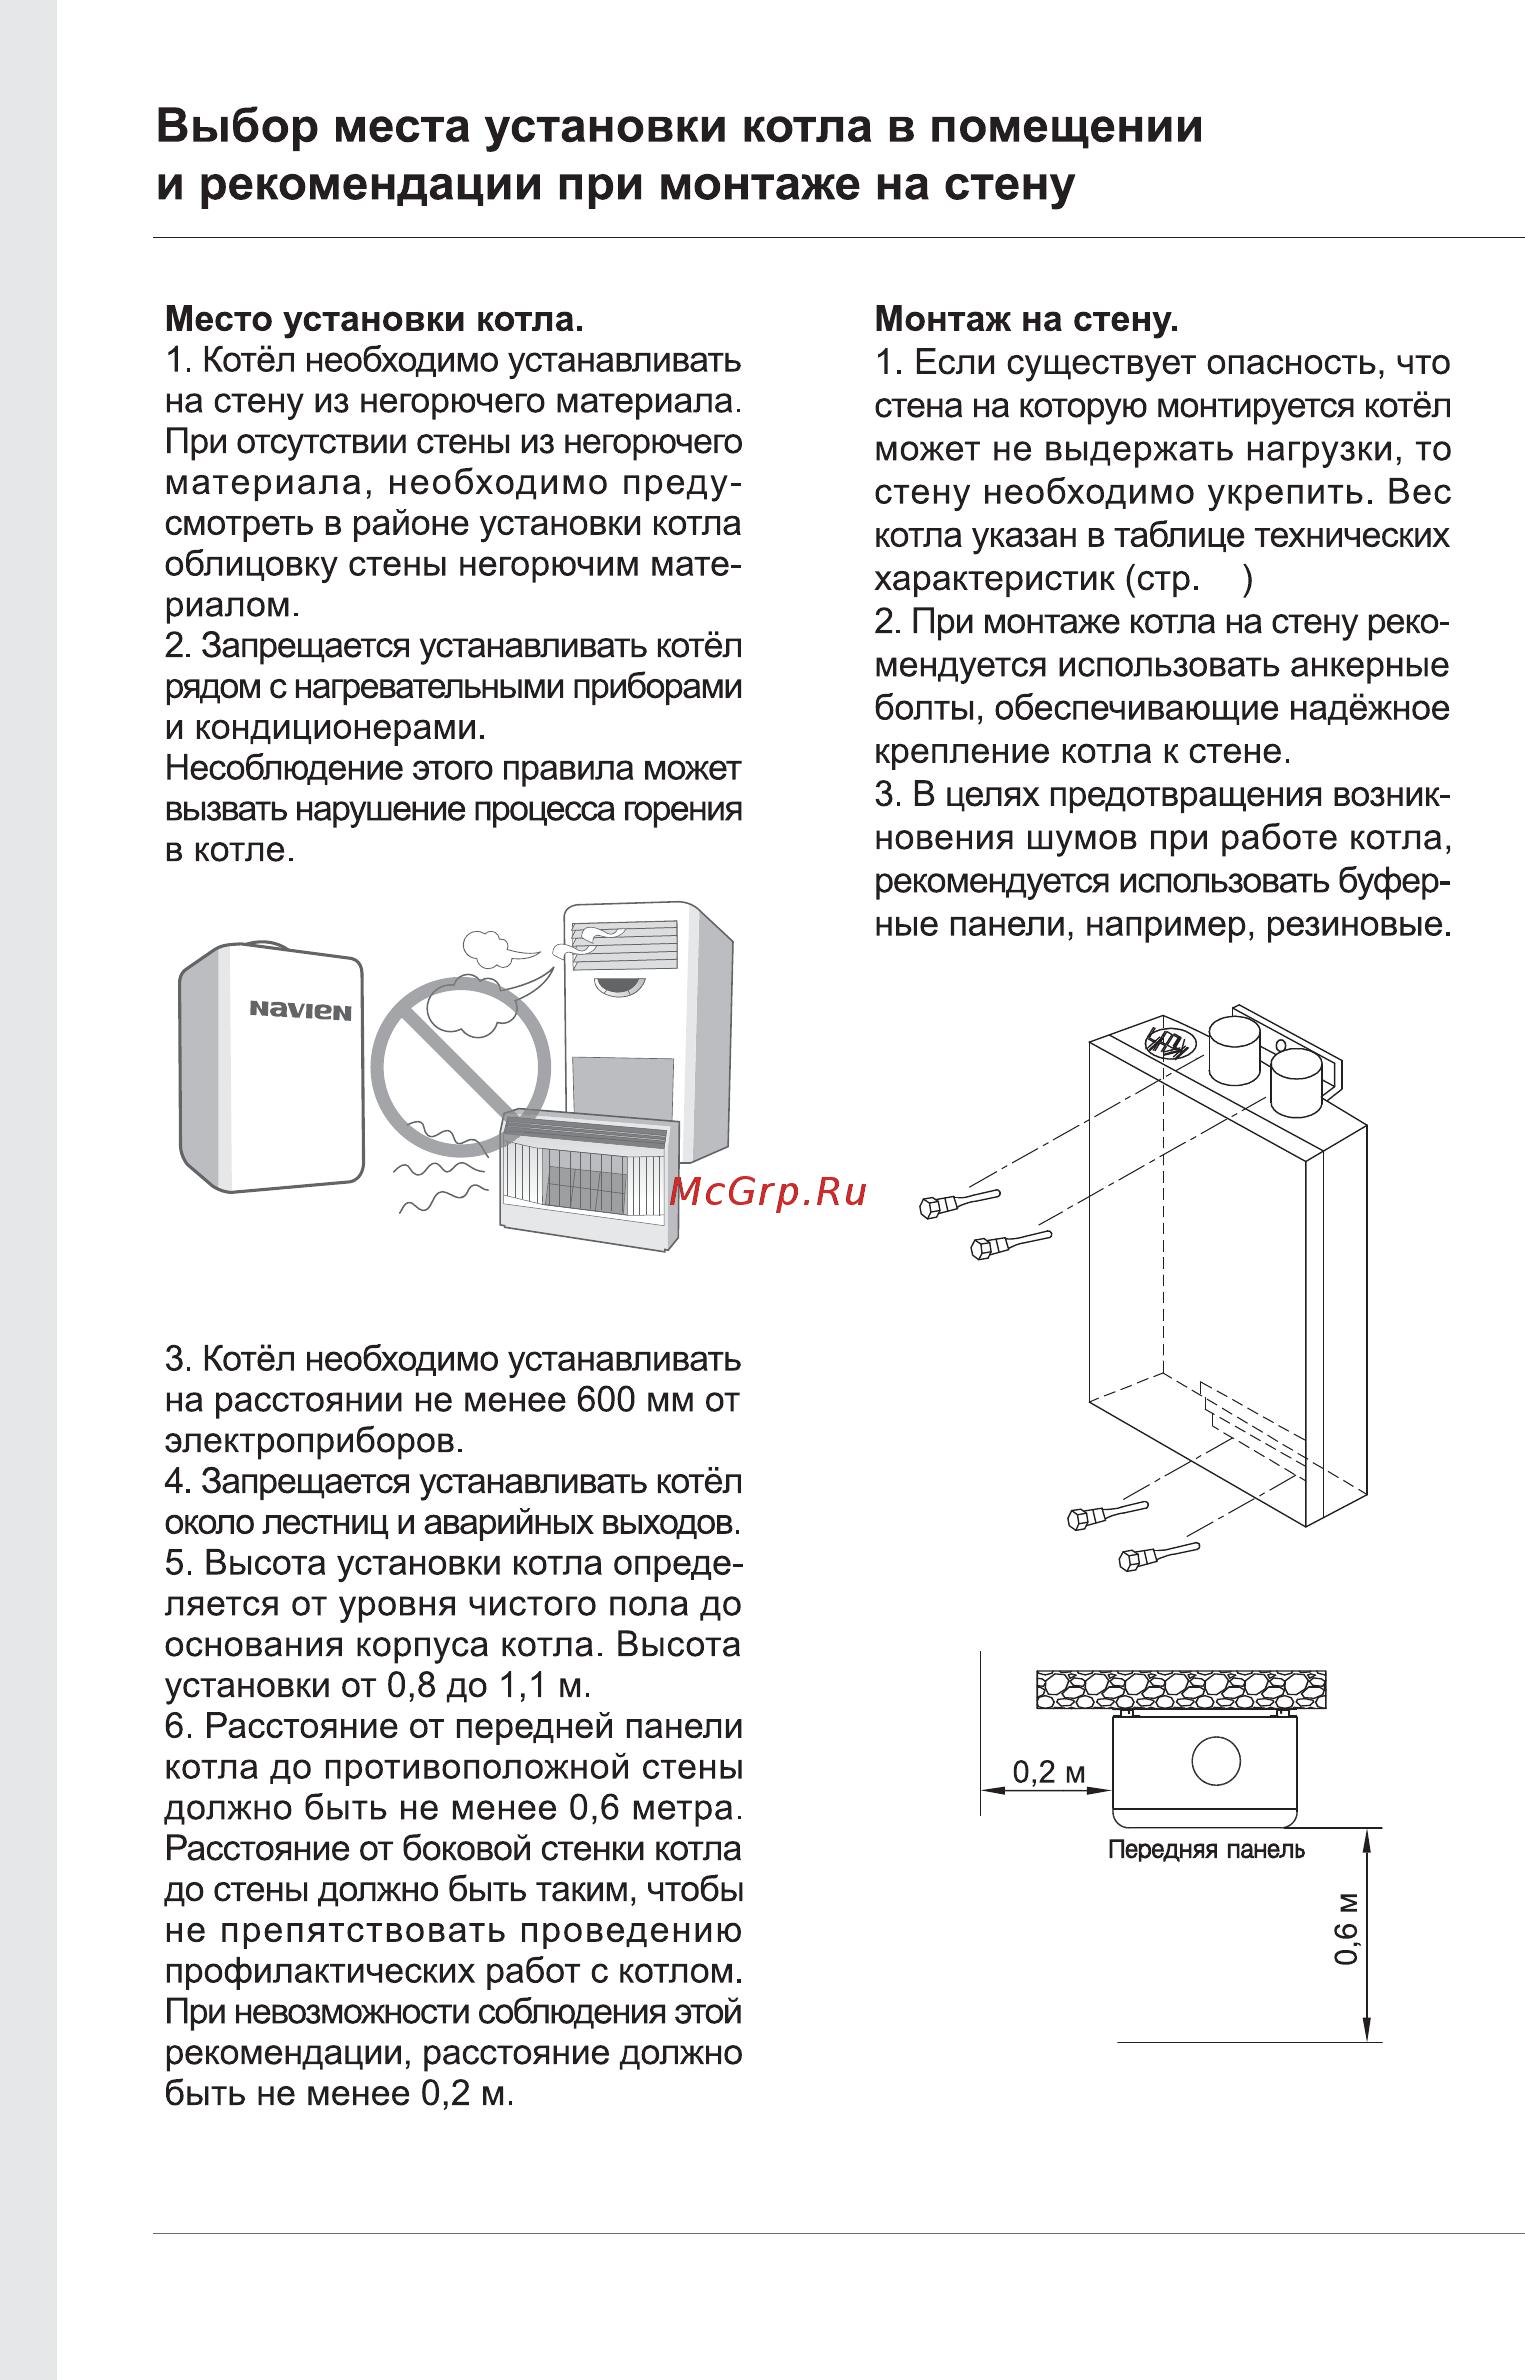 Как пользоваться пультом котла навьен делюкс - инженер пто